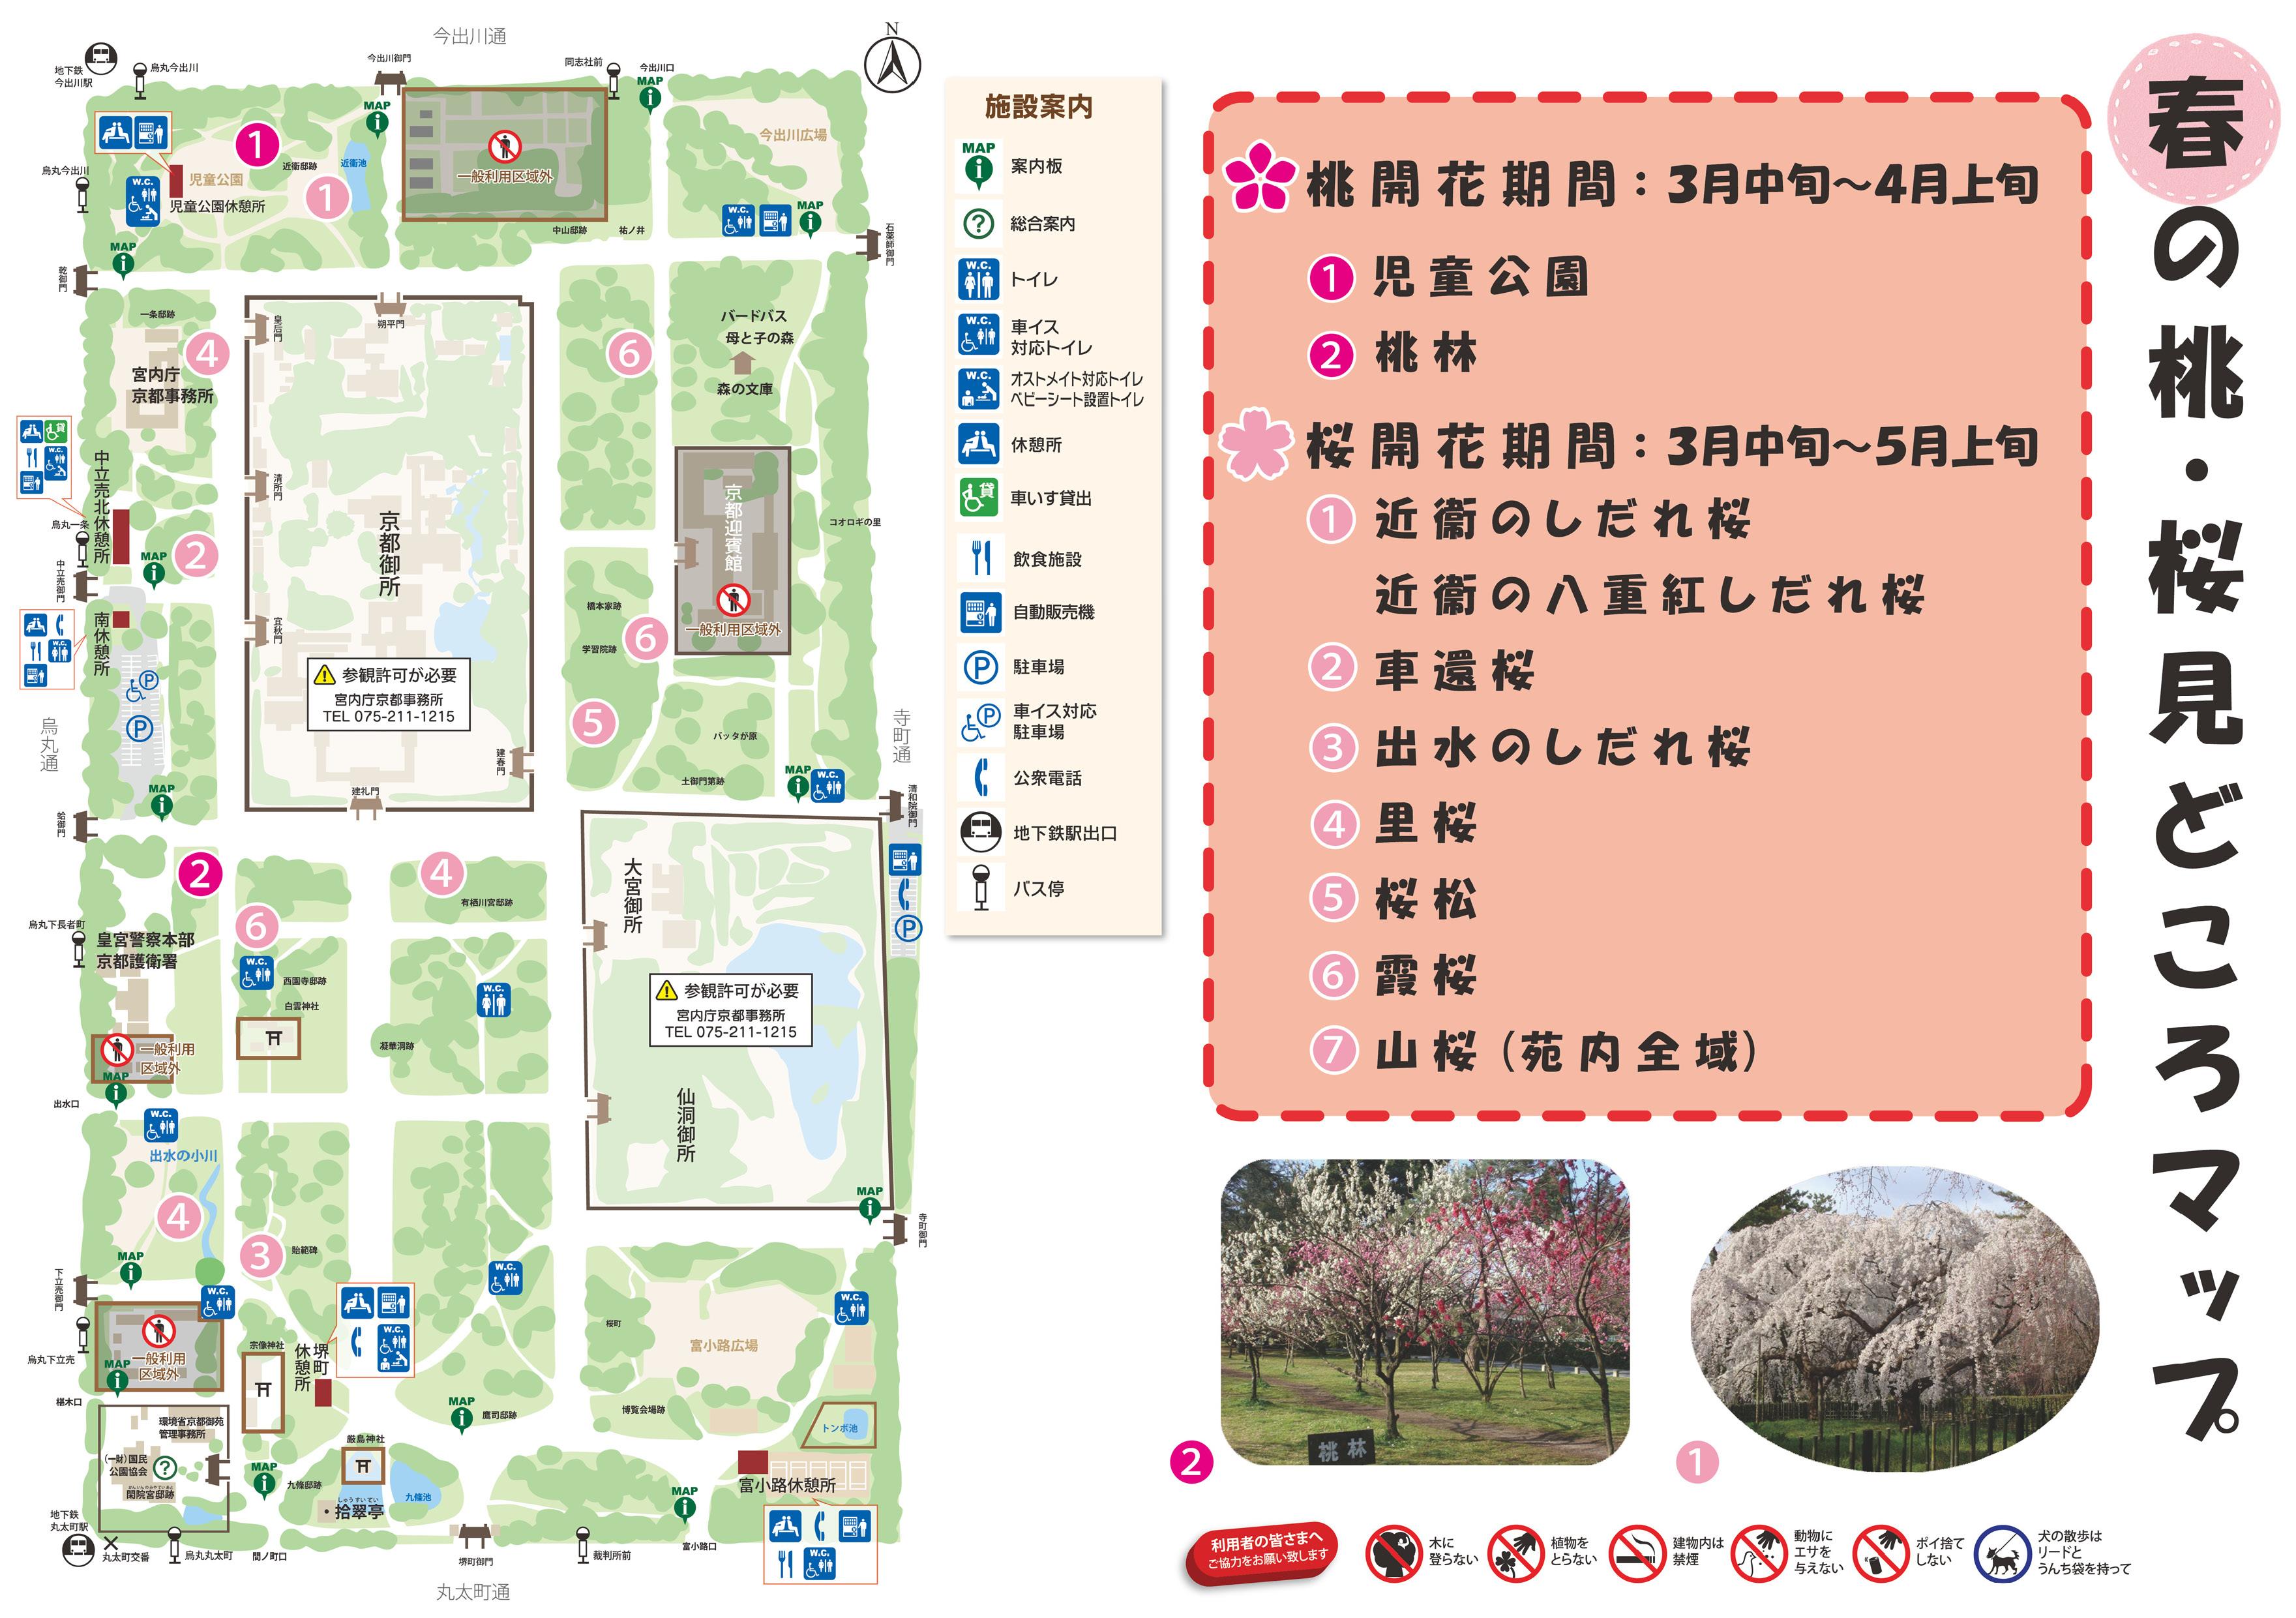 御苑 京都